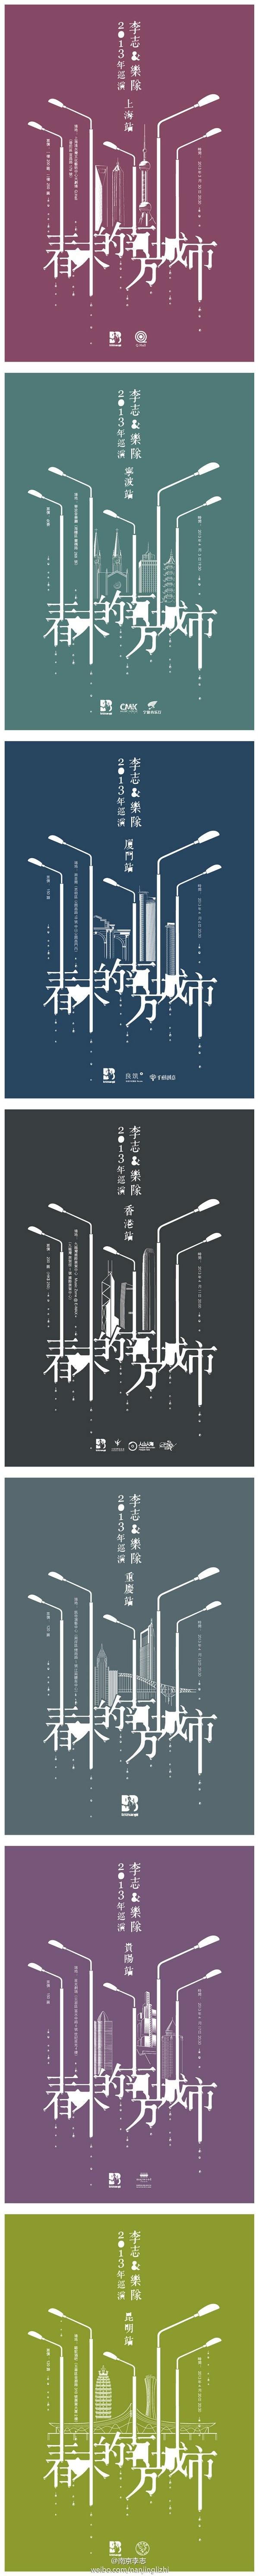 李志 「春末的南方城市」 巡演海报